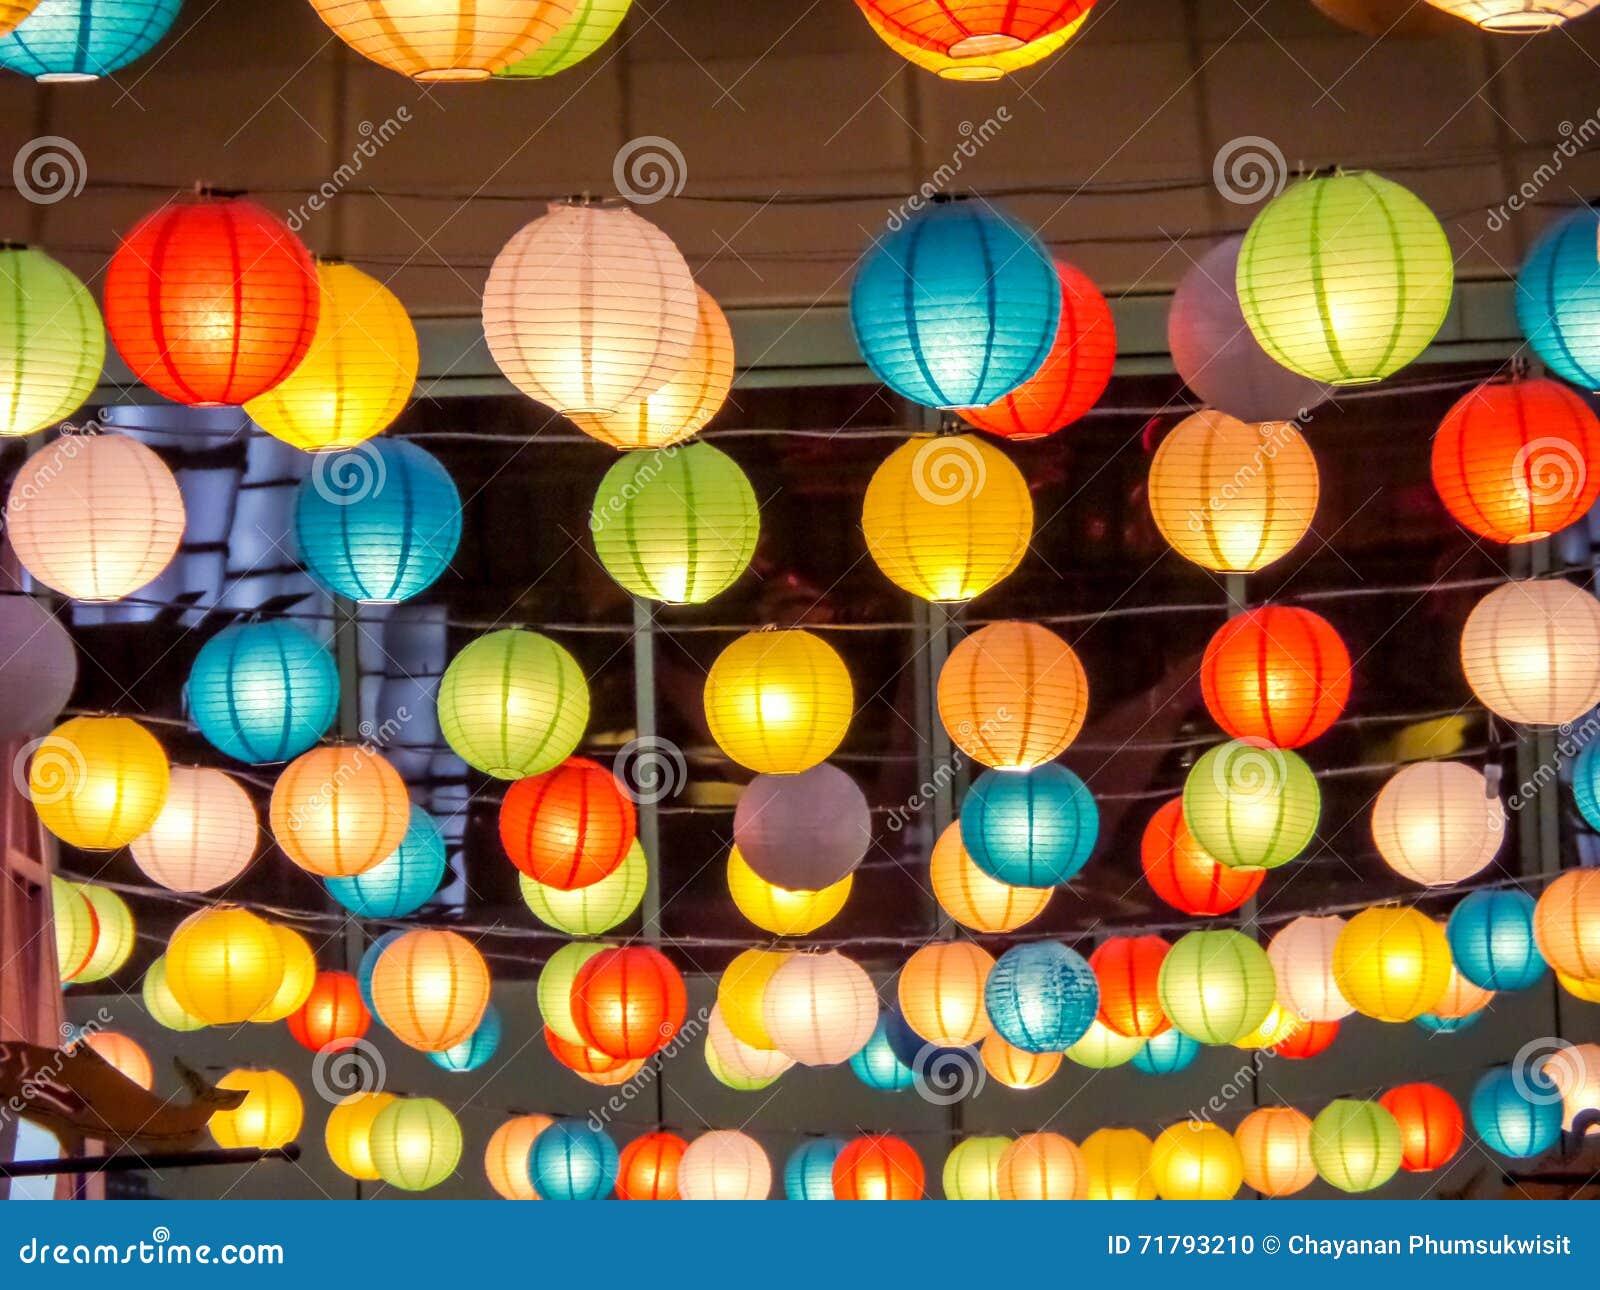 彩虹日本灯内部室内在公开夜广场